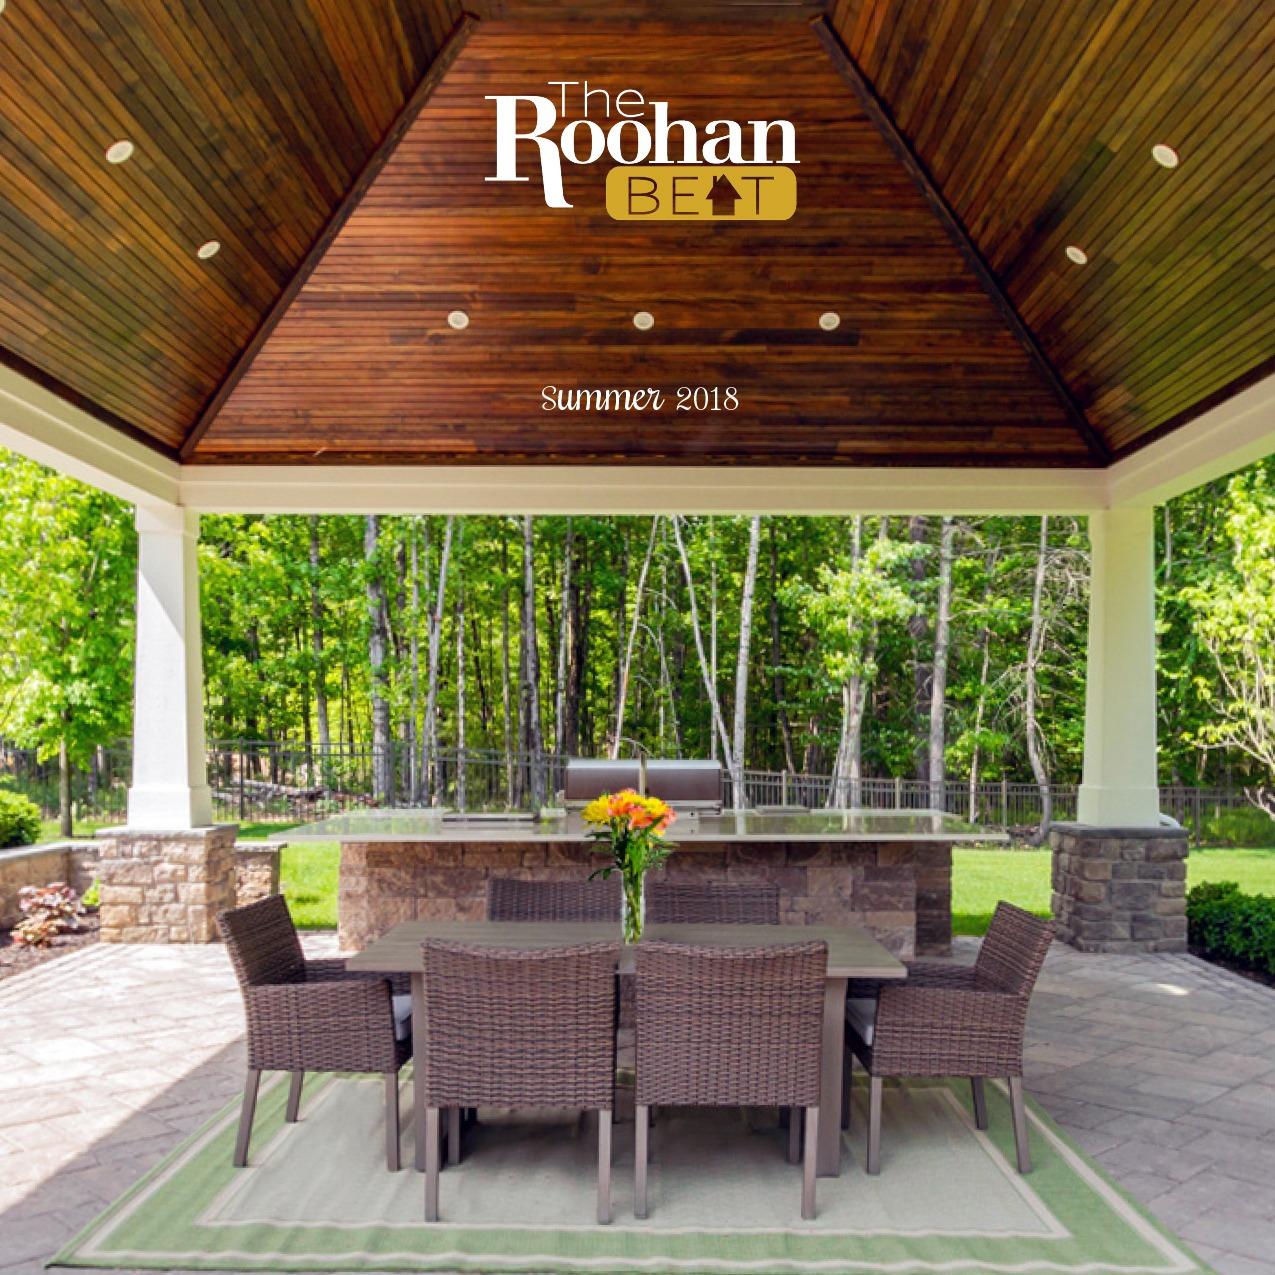 roohan beat newsletter summer 2018